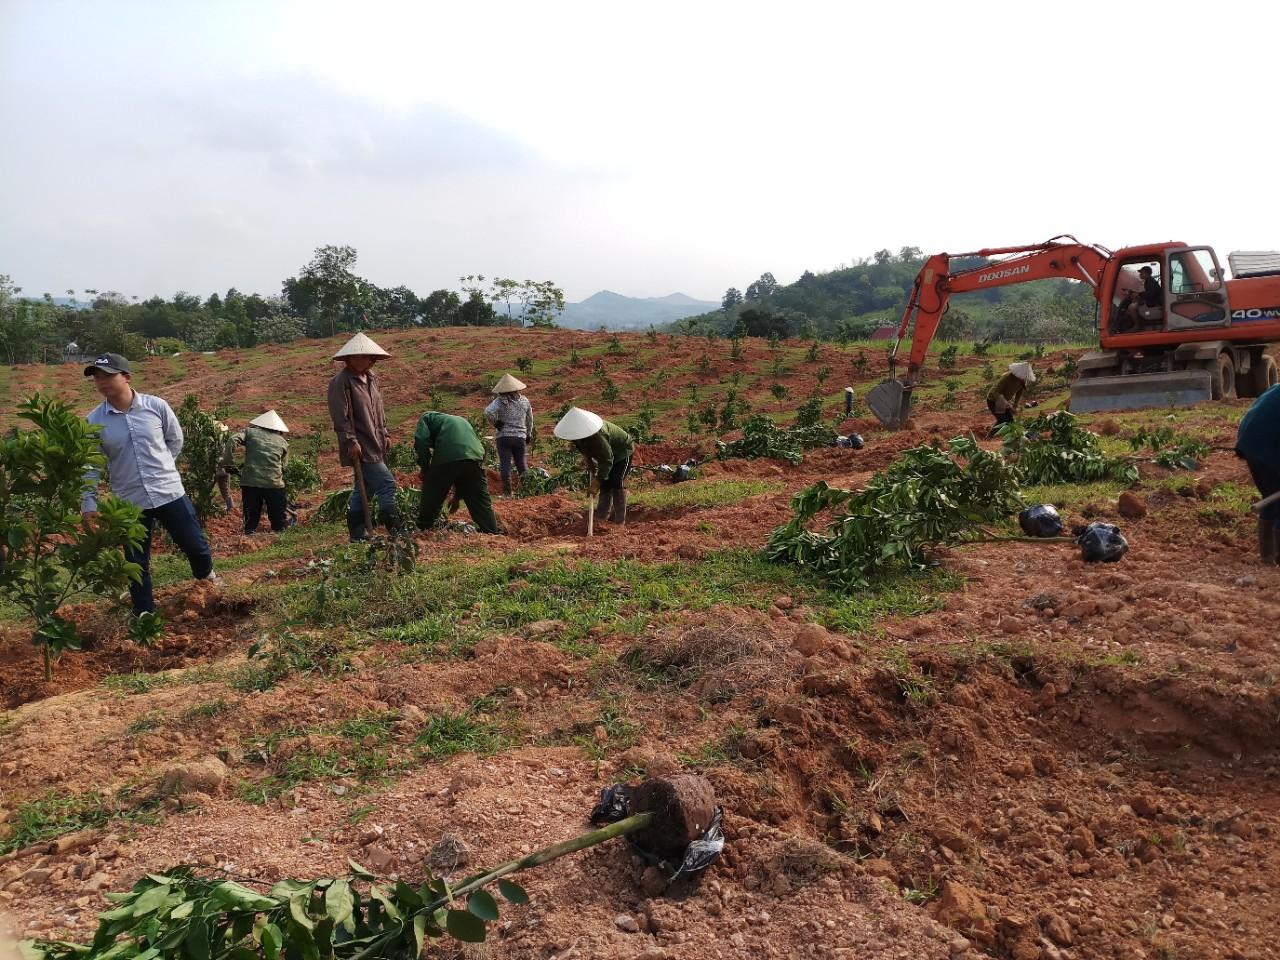 Thiết kế trang trại cây ăn quả tại Anh Sơn - Nghệ An